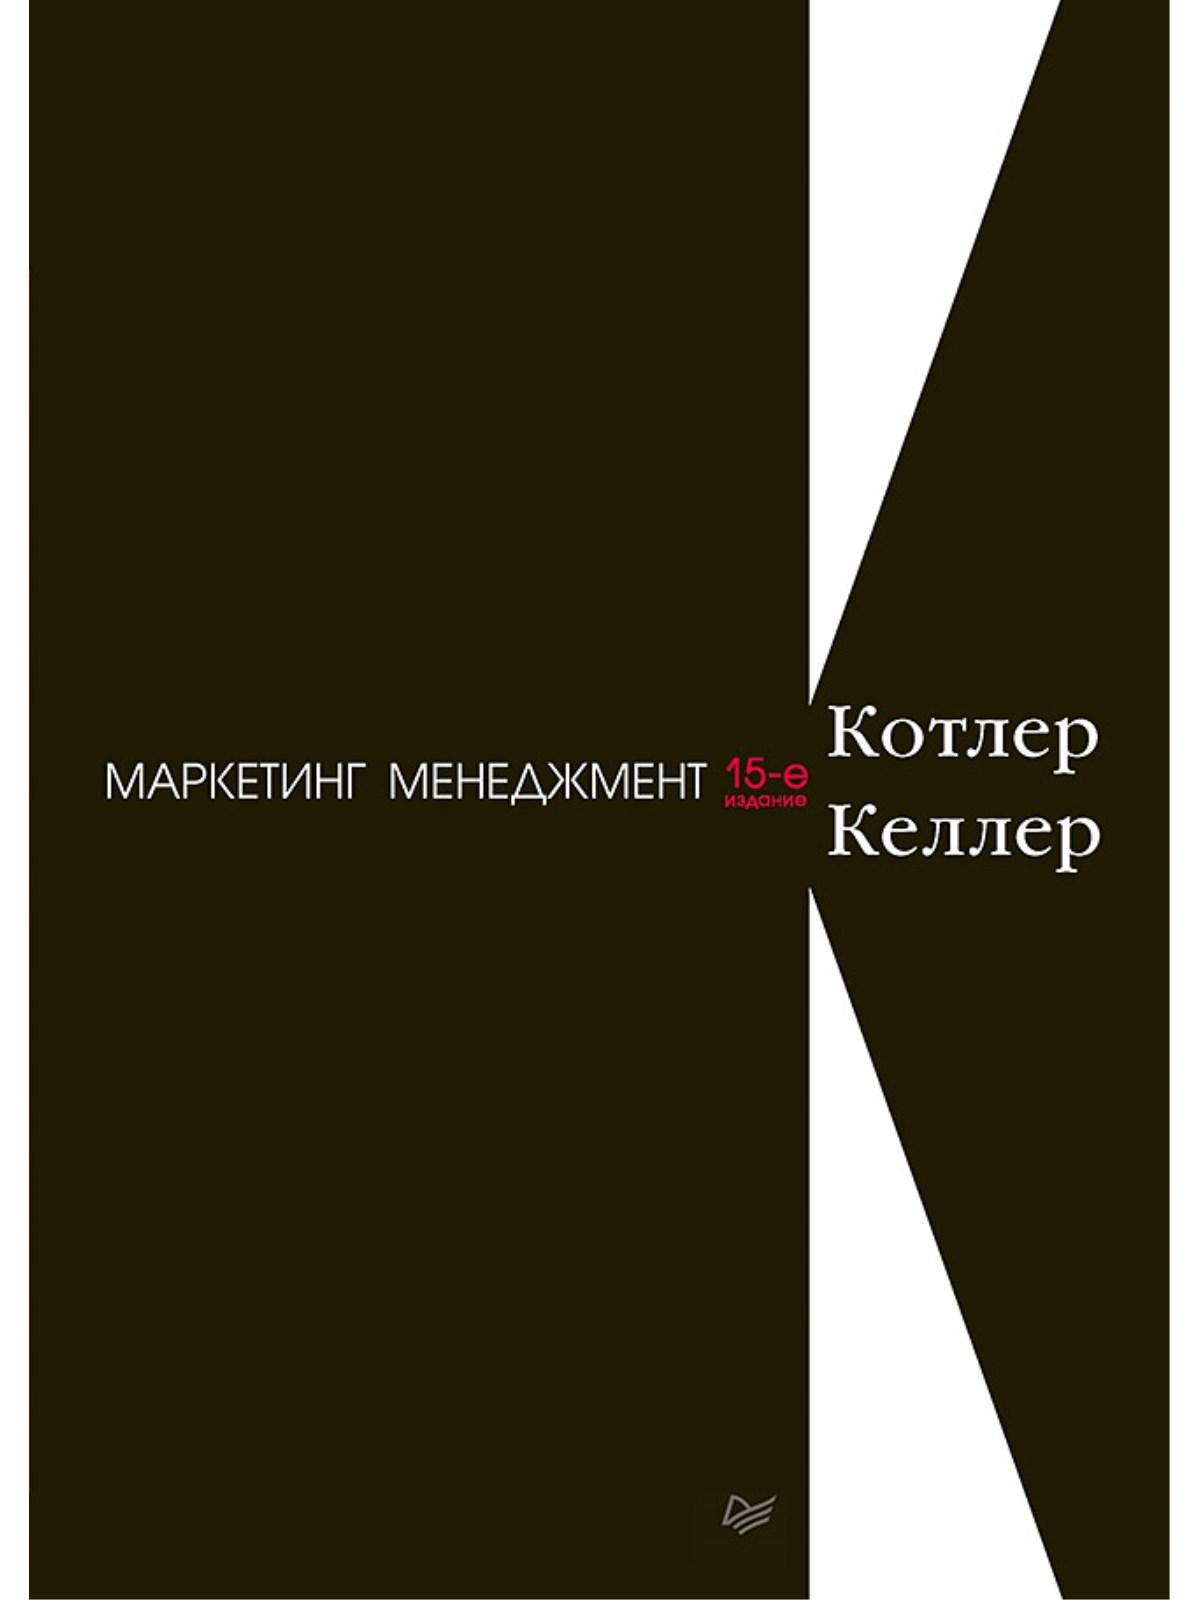 Котлер Филип Маркетинг менеджмент. 15-е изд. филип котлер маркетинг менеджмент